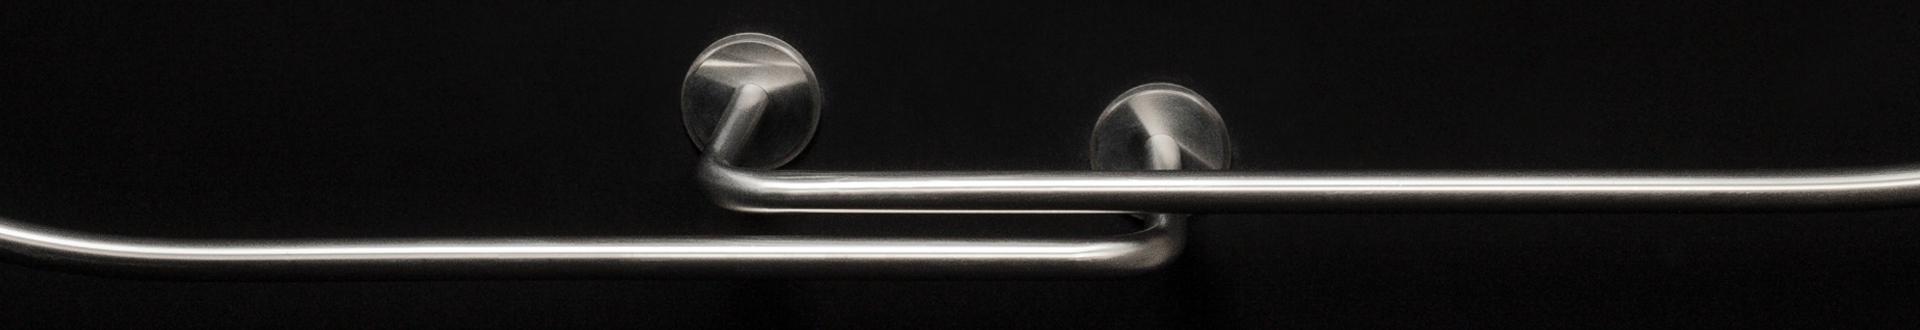 GalboBain - GalboBain : barres de suspension et rideaux de douche ...